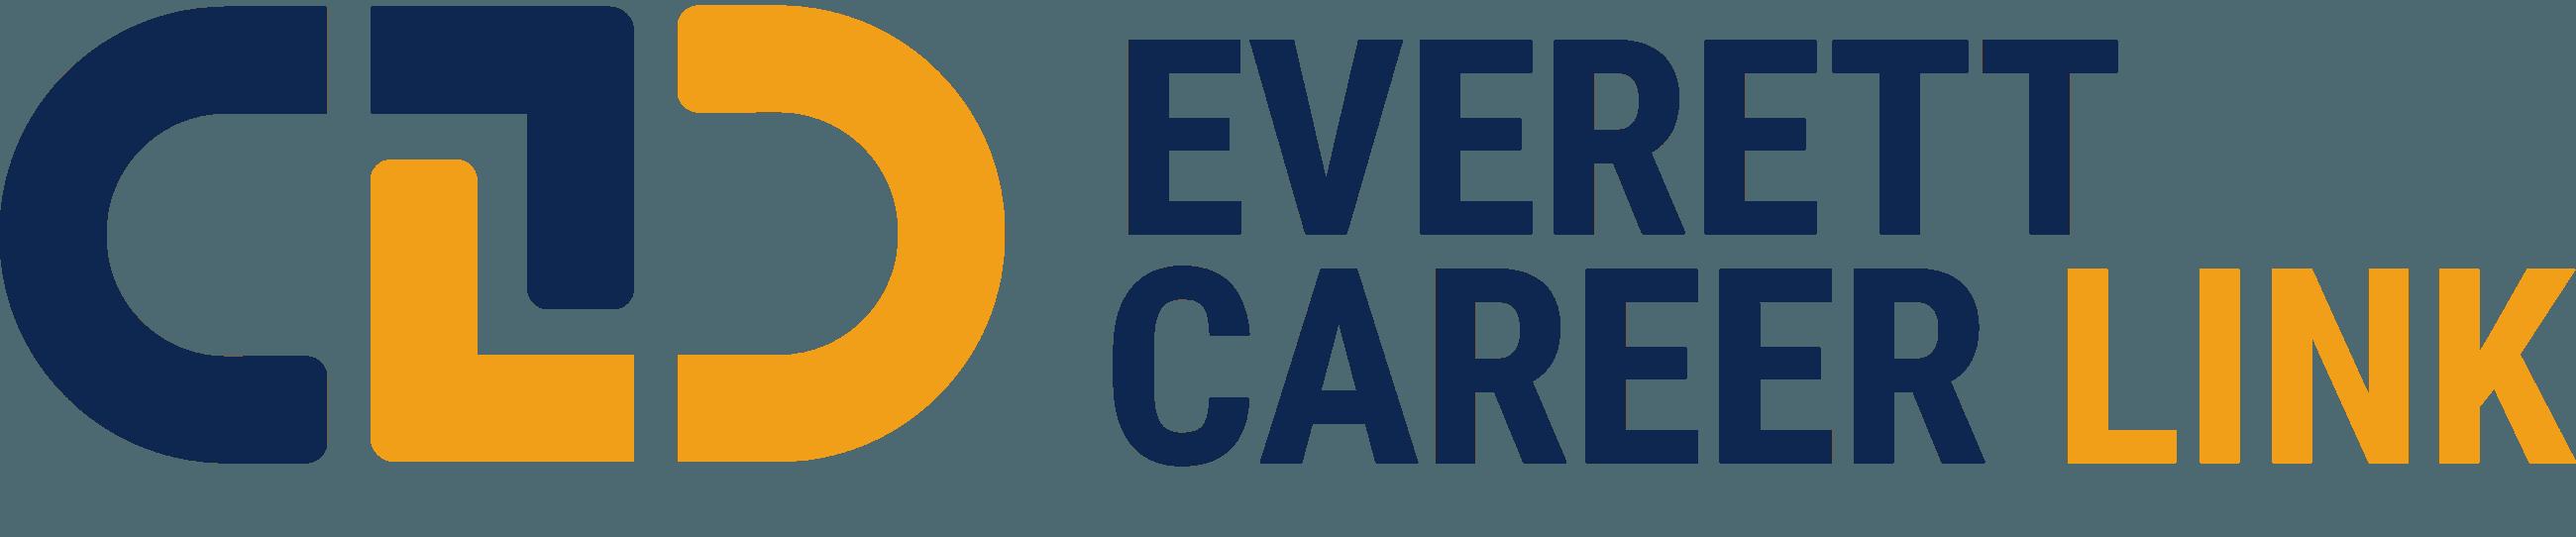 Everett, WA - Official Website